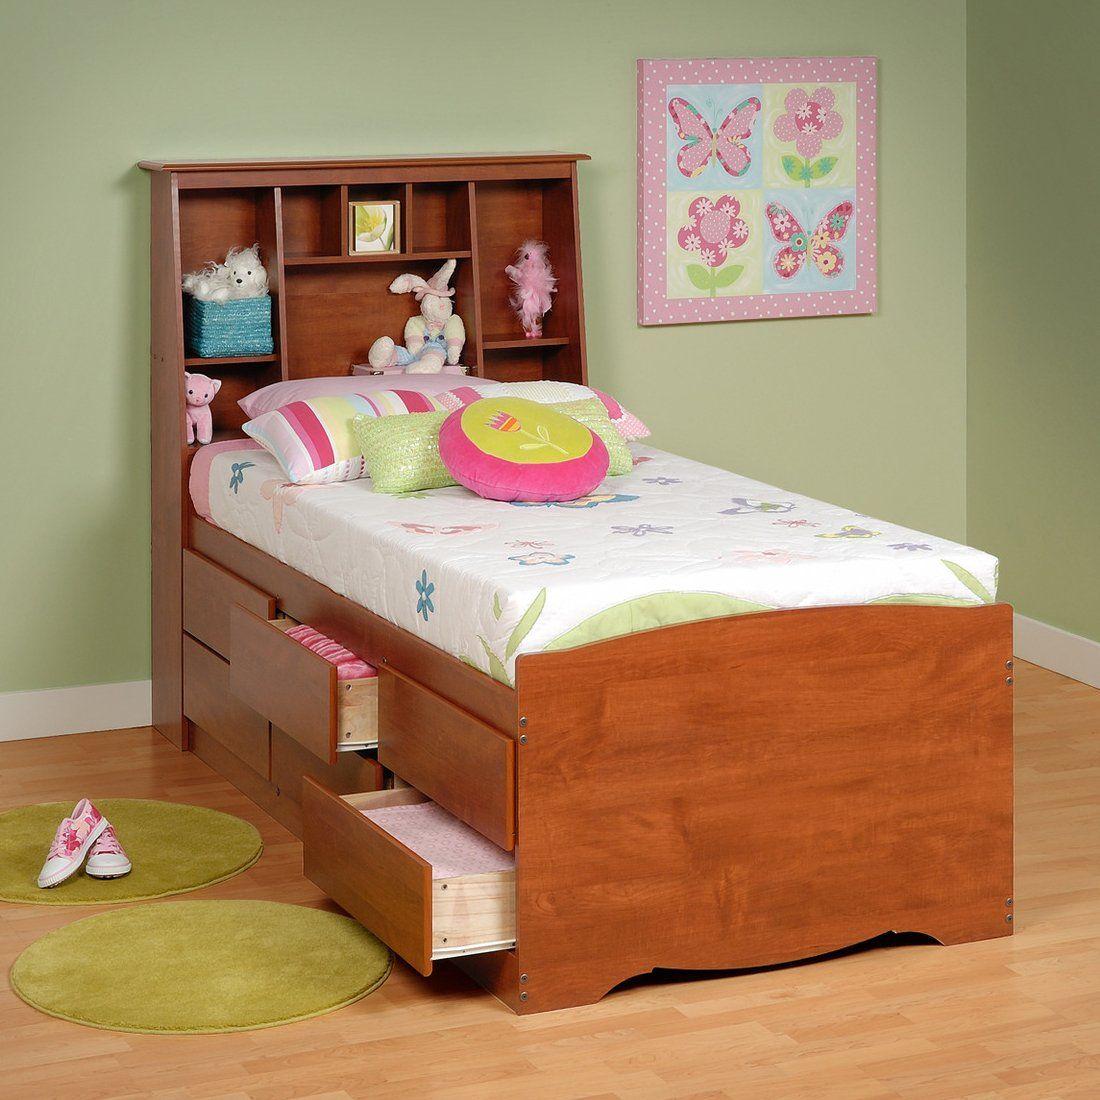 Prepac Bedroom Furniture Prepac Furniture Captains Platform Storage Bed With Slant Back